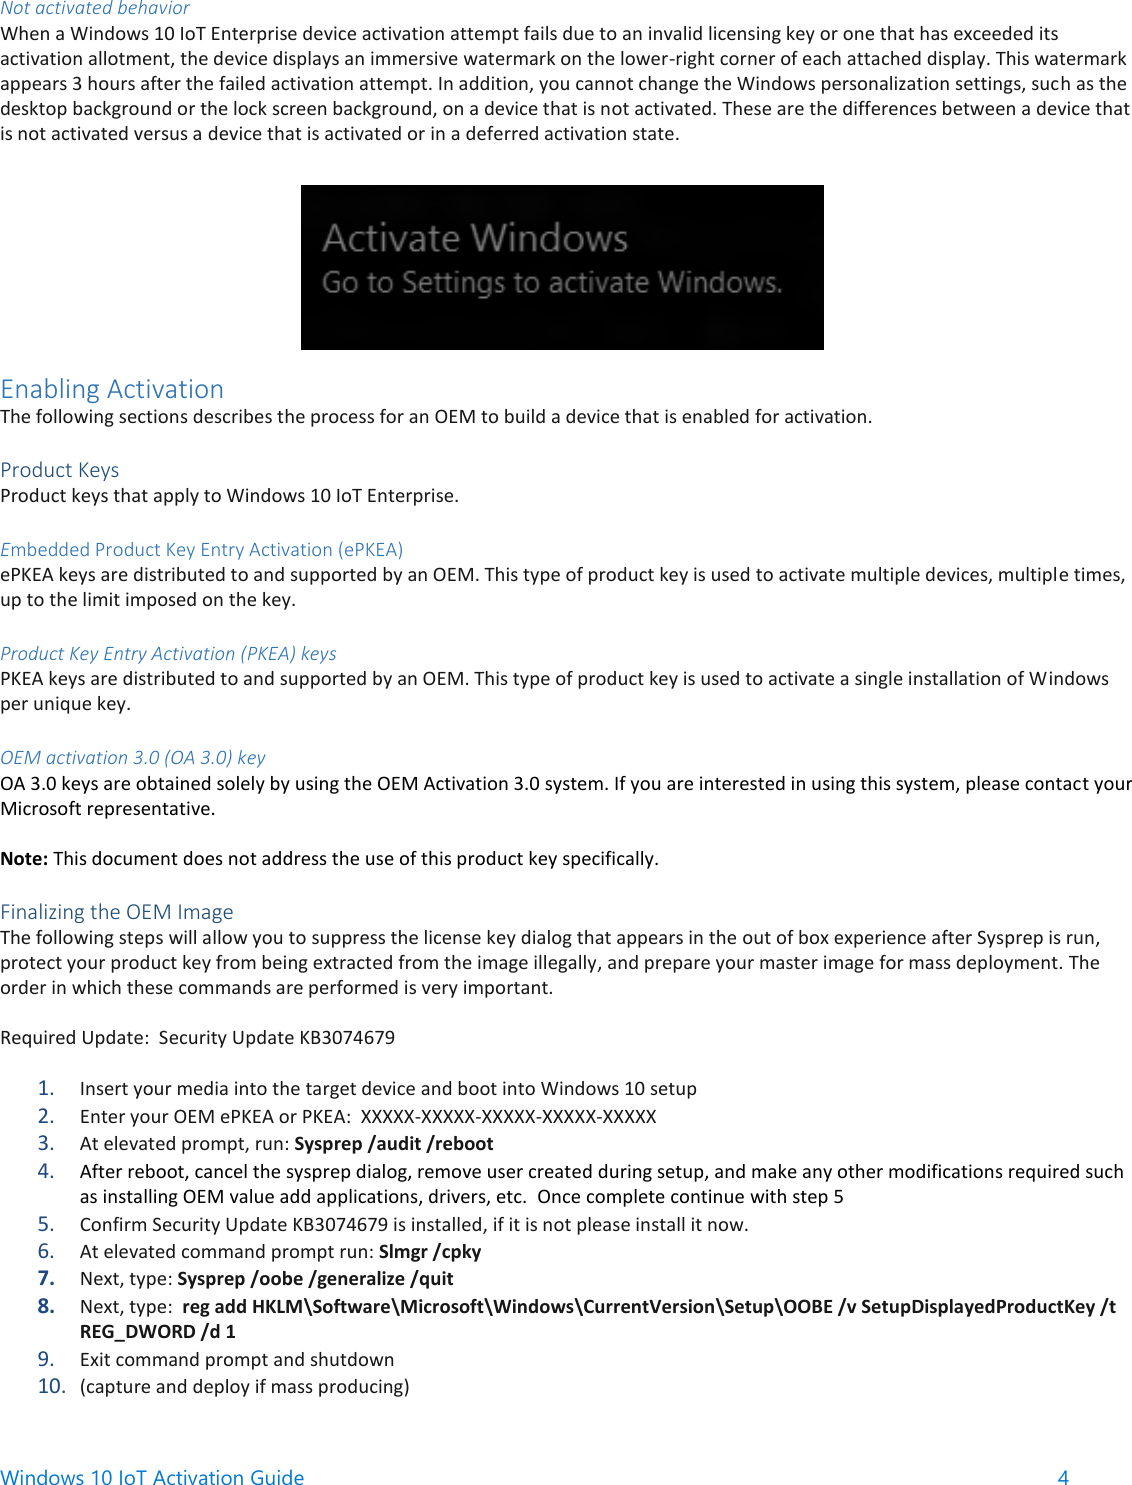 Windows 10 Io T Enterprise Activation Guide